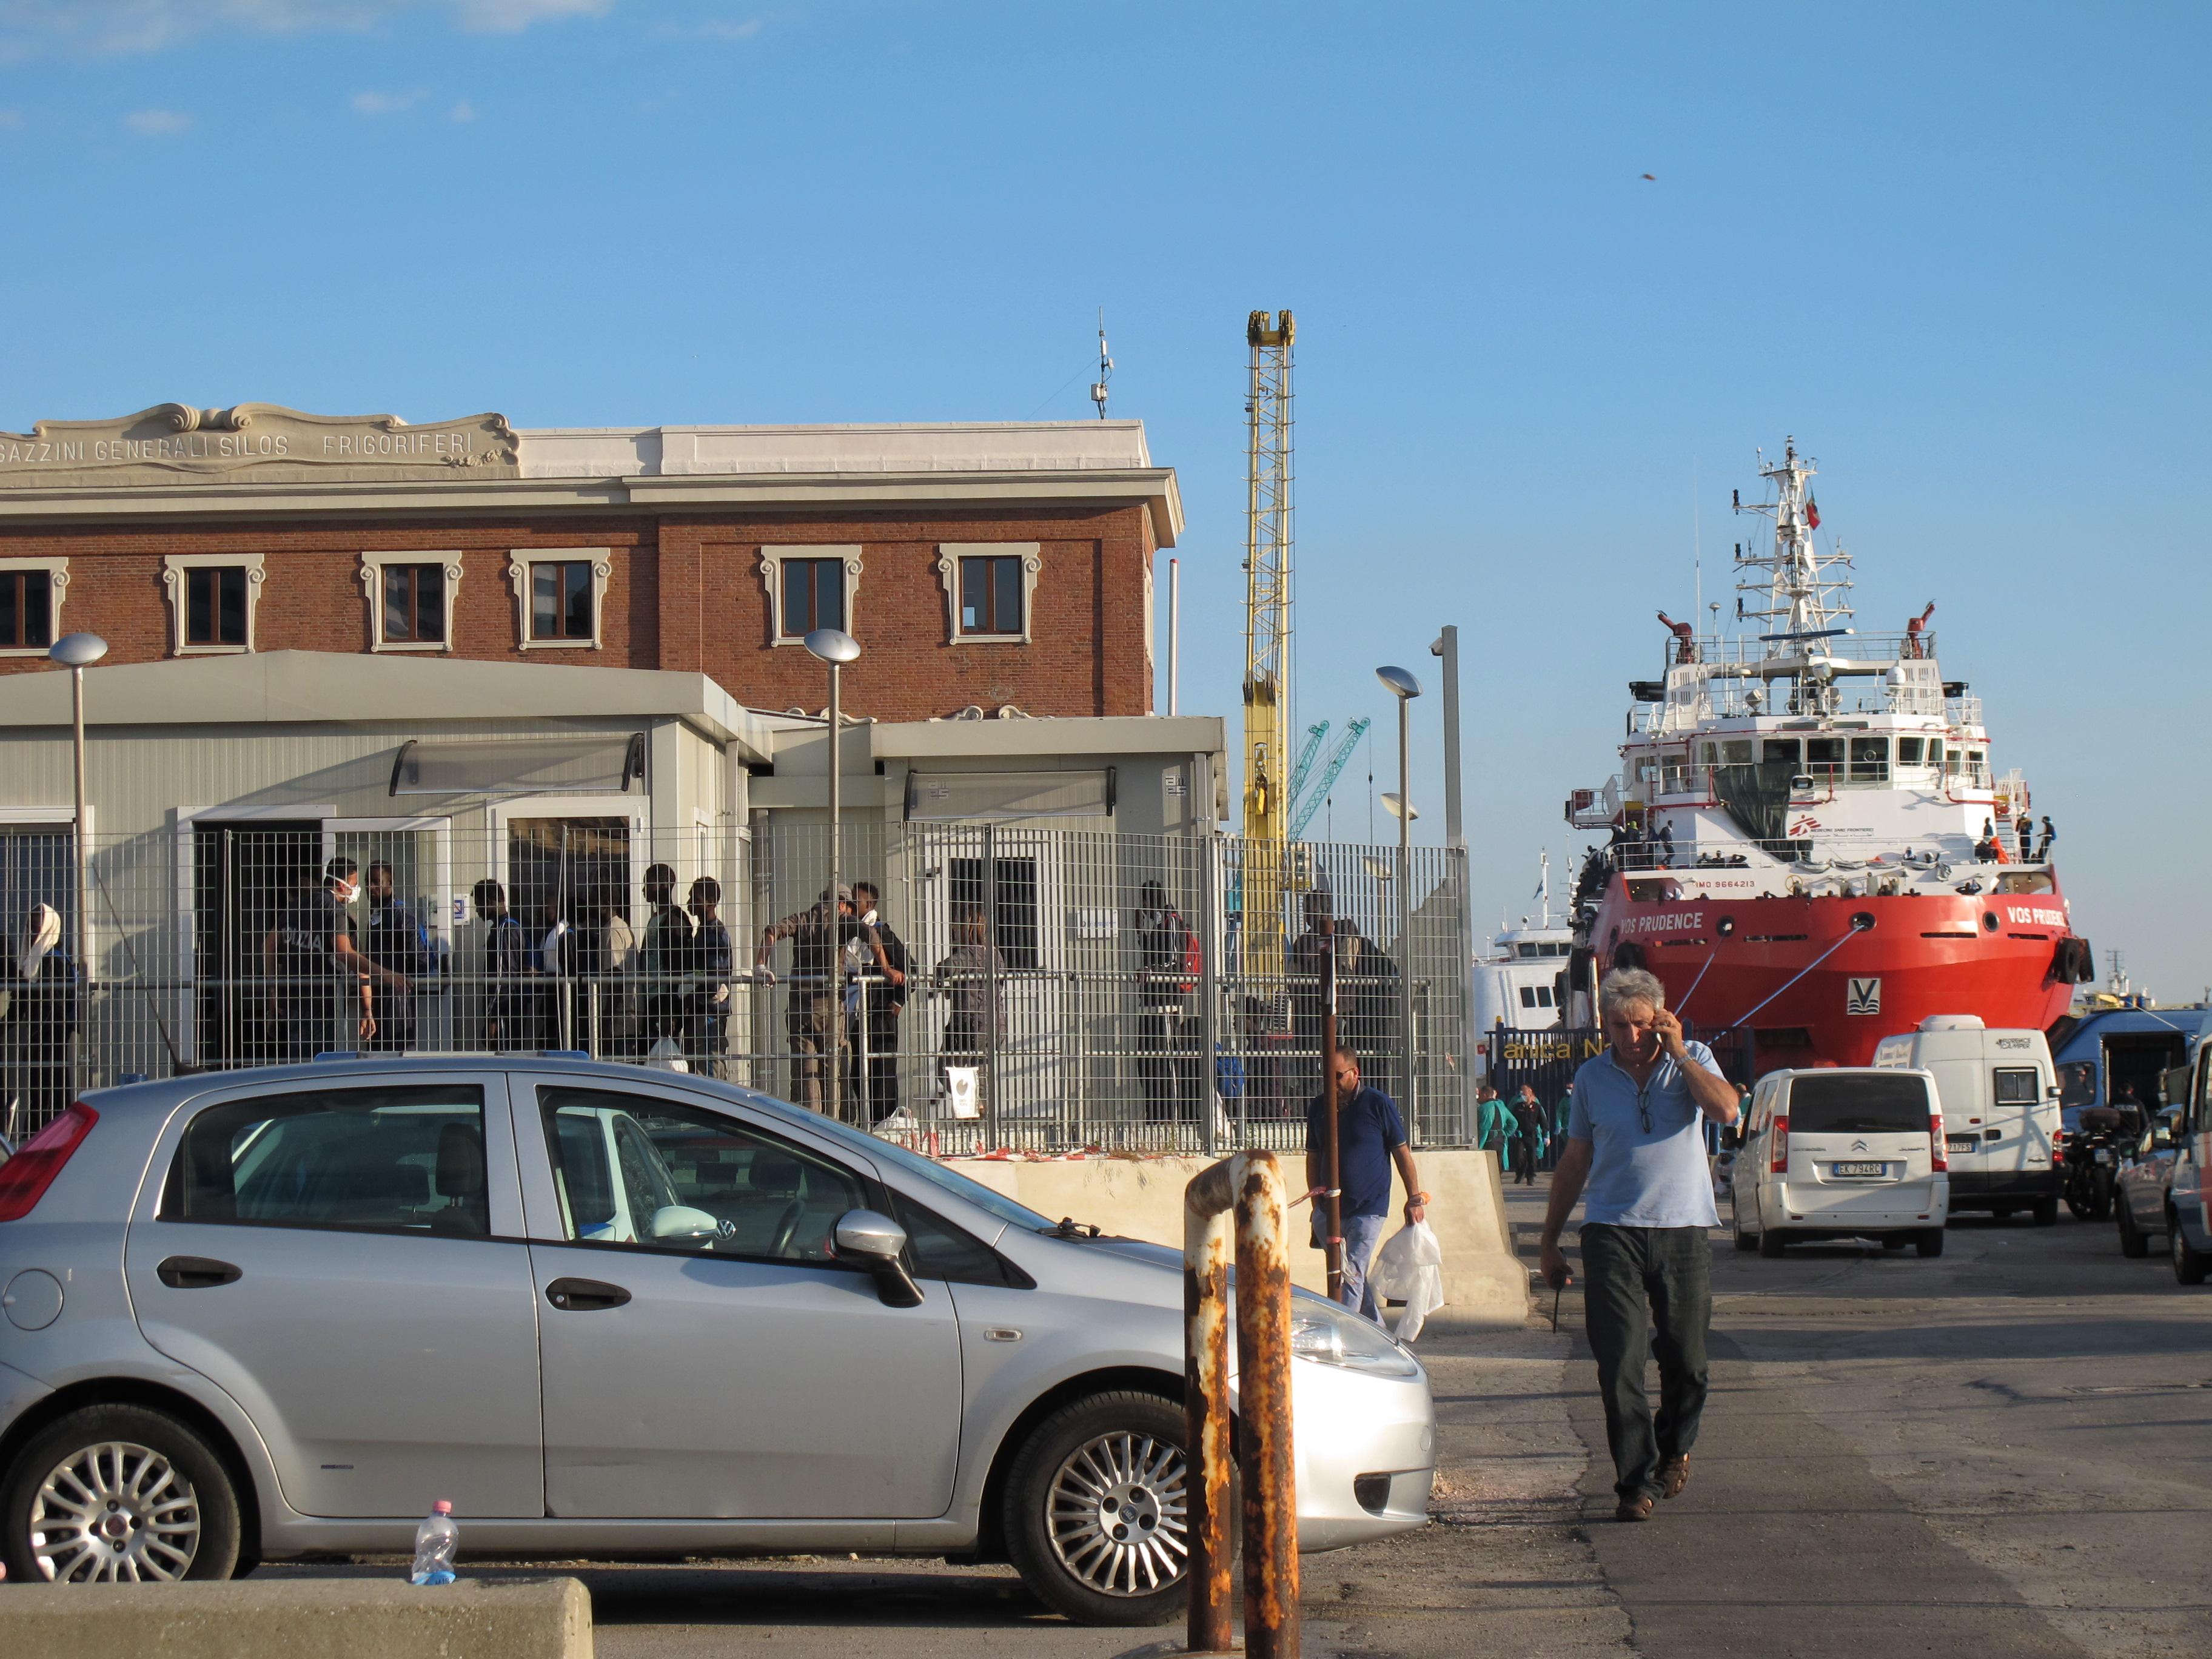 Le Navire de Médecins sans frontière et un poste de douane © ID